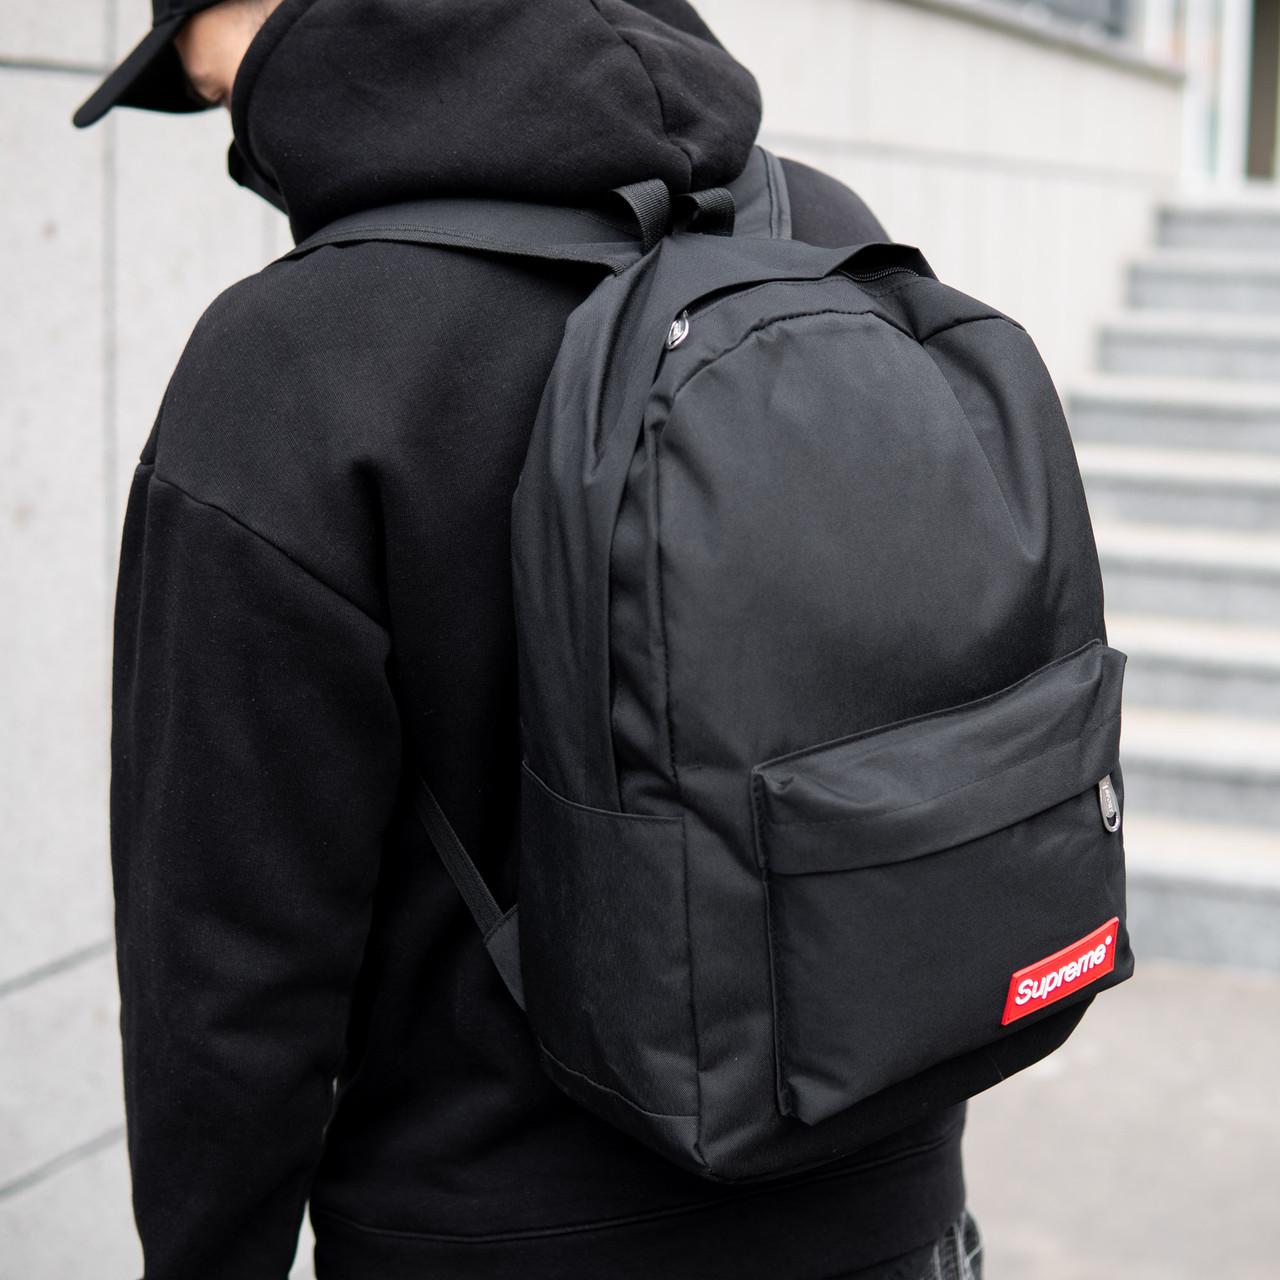 Рюкзак мужской городской SUPREME  спортивный черный, мужской рюкзак городской для ноутбука, рюкзак роллтоп